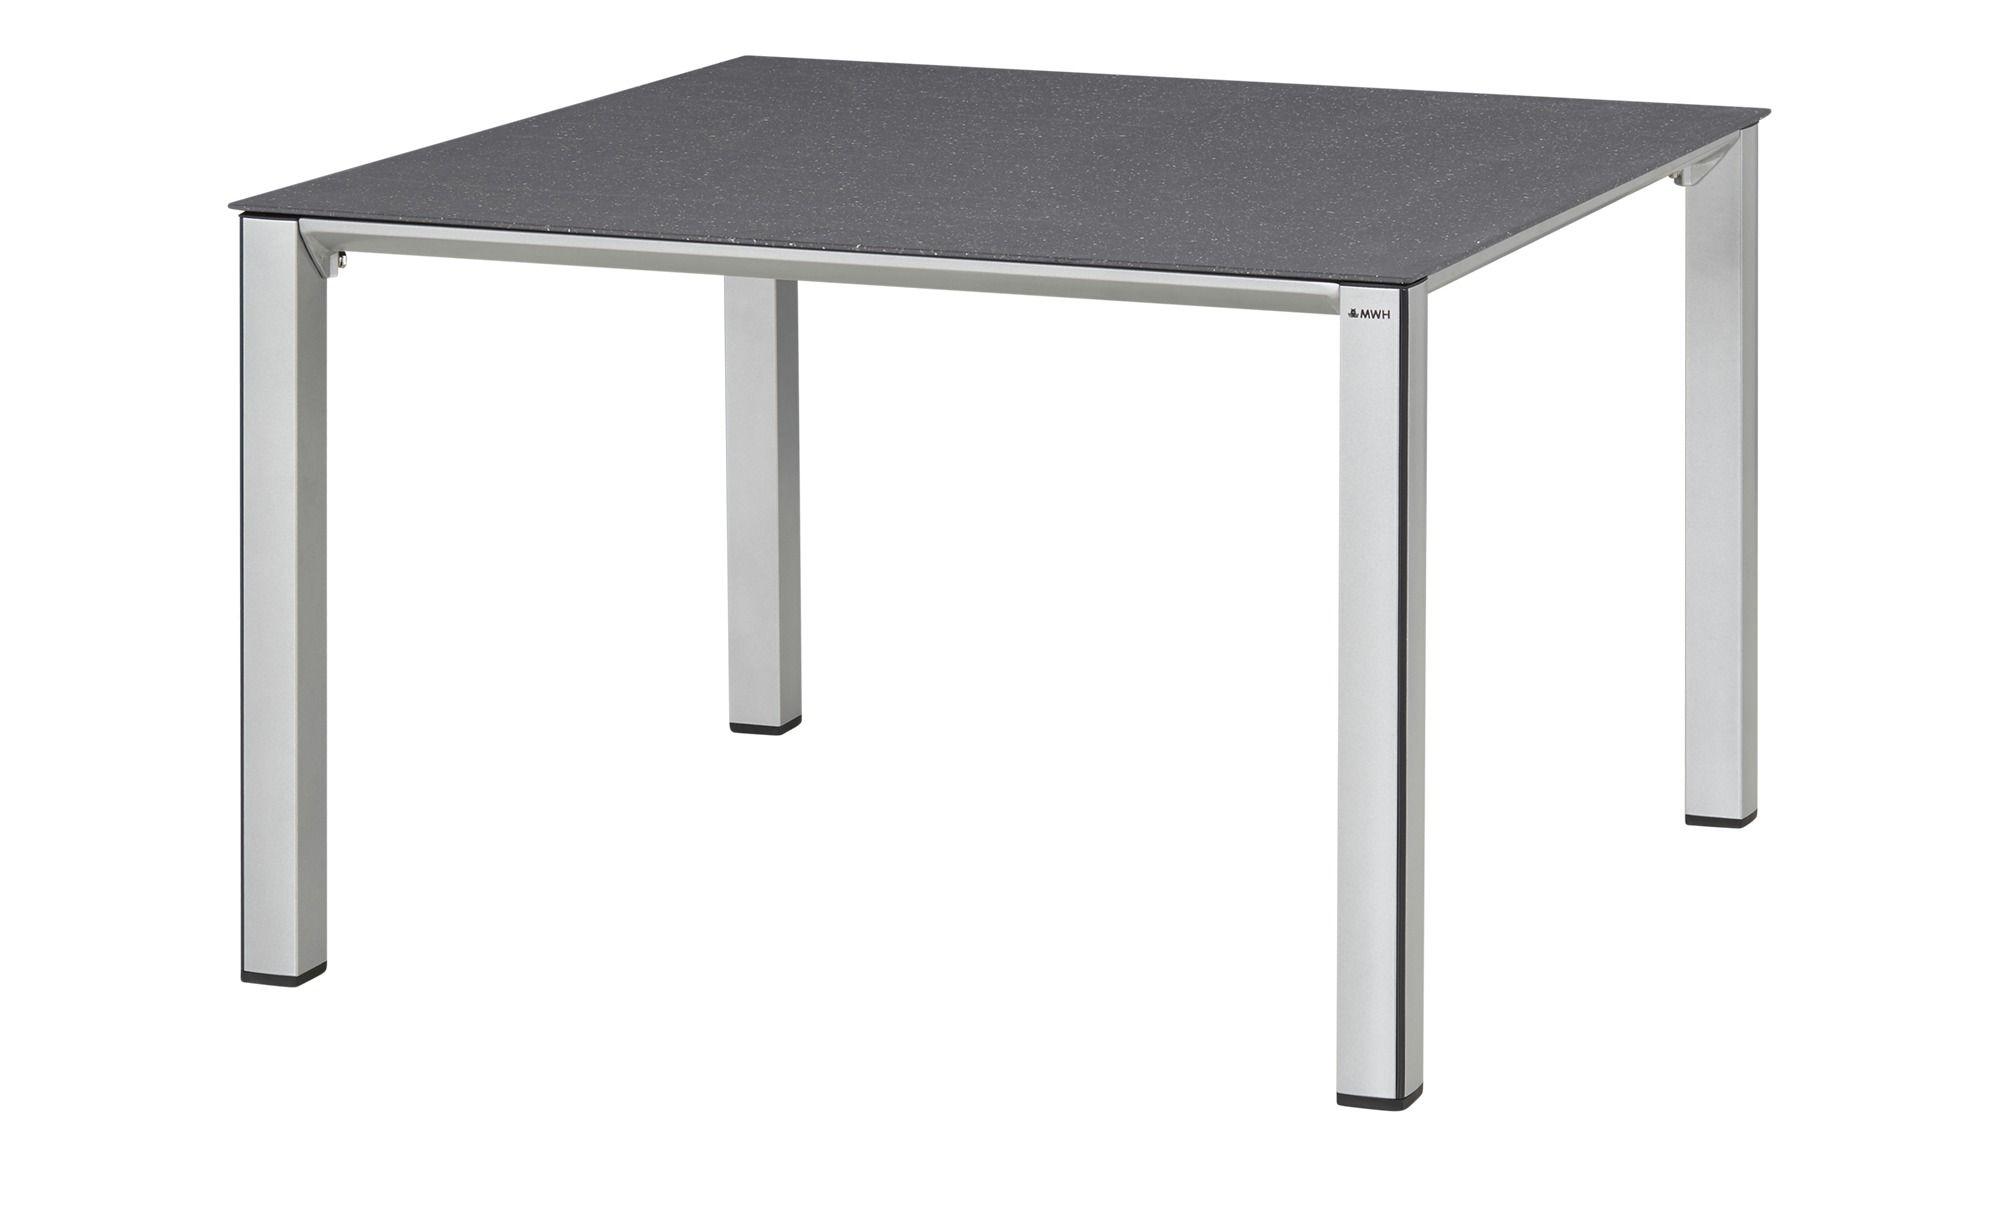 Mwh Tisch Elements Silber Masse Cm B 100 H 63 5 Garten